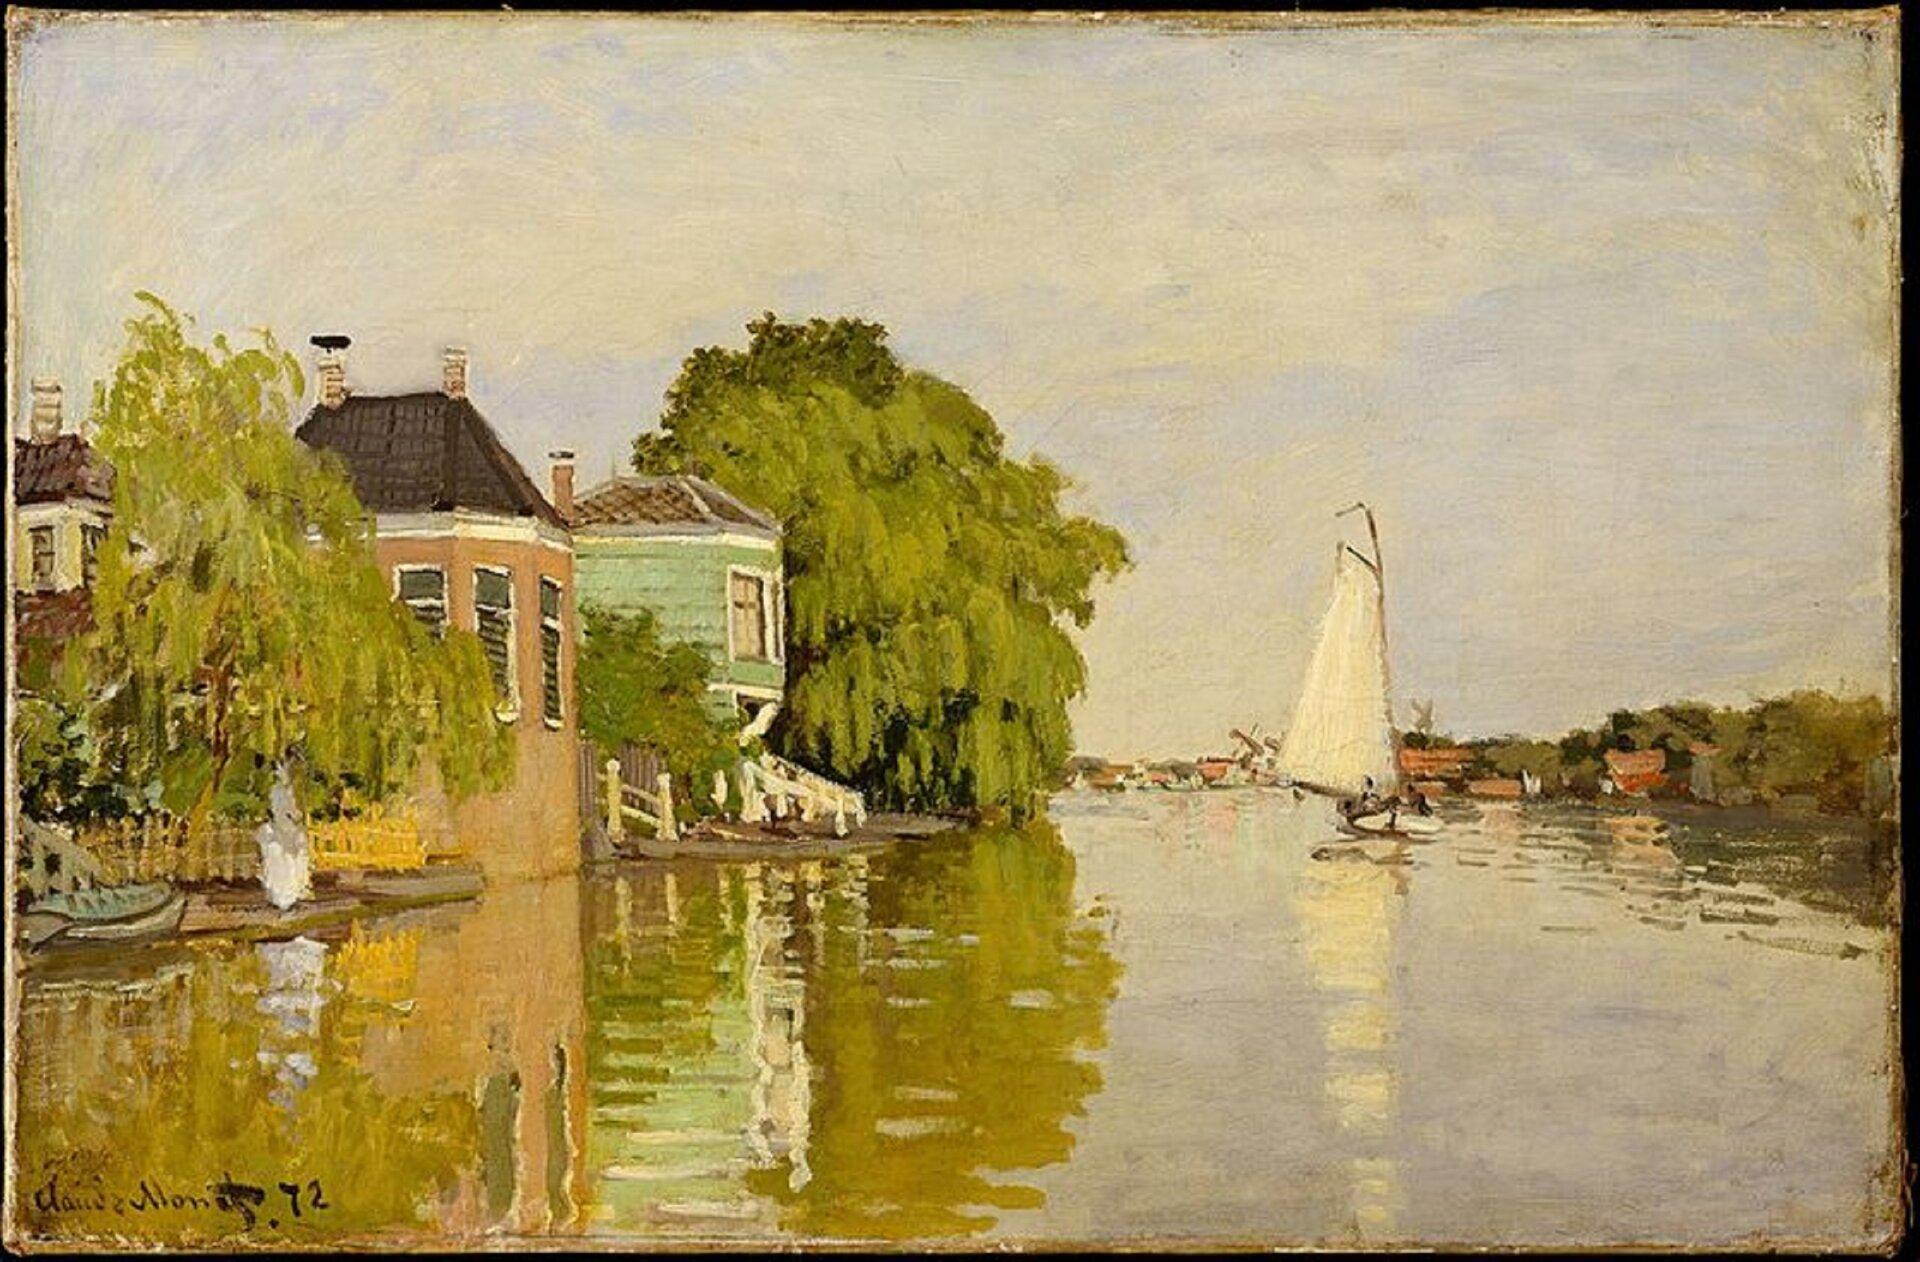 """Ilustracja przedstawia obraz Claude'a Moneta """"Domy nad Achterzaan"""". Ukazuje widok na szeroką rzekę, po której płynie żaglówka. Po lewej stronie znajdują się przyrzeczne budynki oraz drzewa zbujnymi koronami listowia. Wdali po prawej także rosną drzewa, zktórych wyłaniają się czerwone budynki. Nadbrzeżny pejzaż oraz biały żagiel łódki odbijają się wwodzie."""